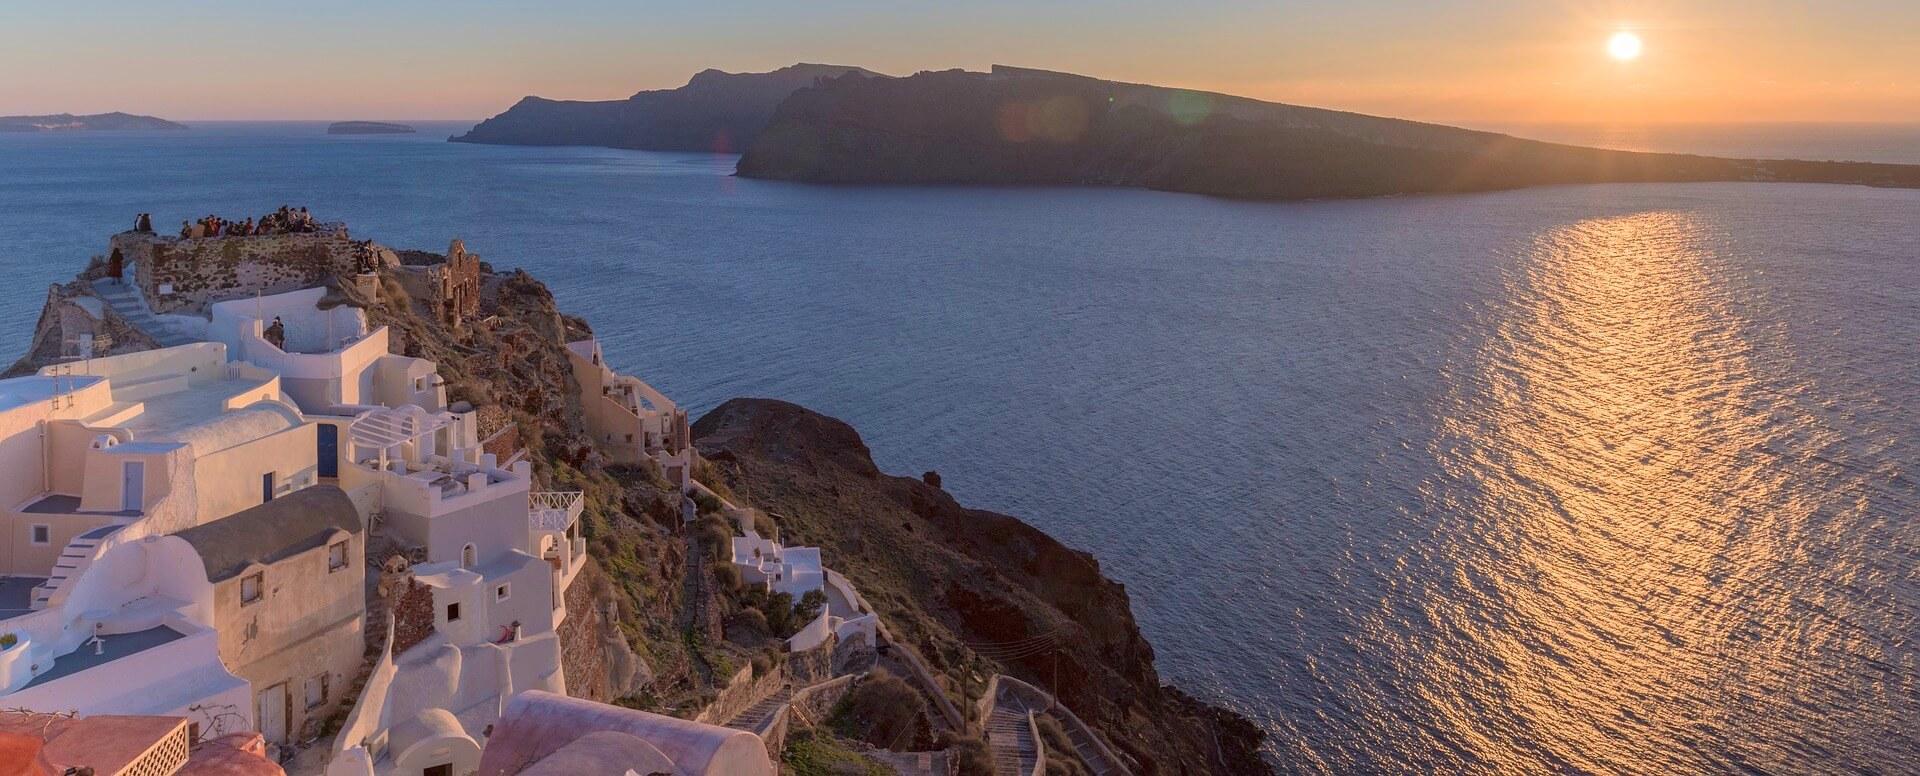 Les îles des Cyclades - Cyclades - Autres îles